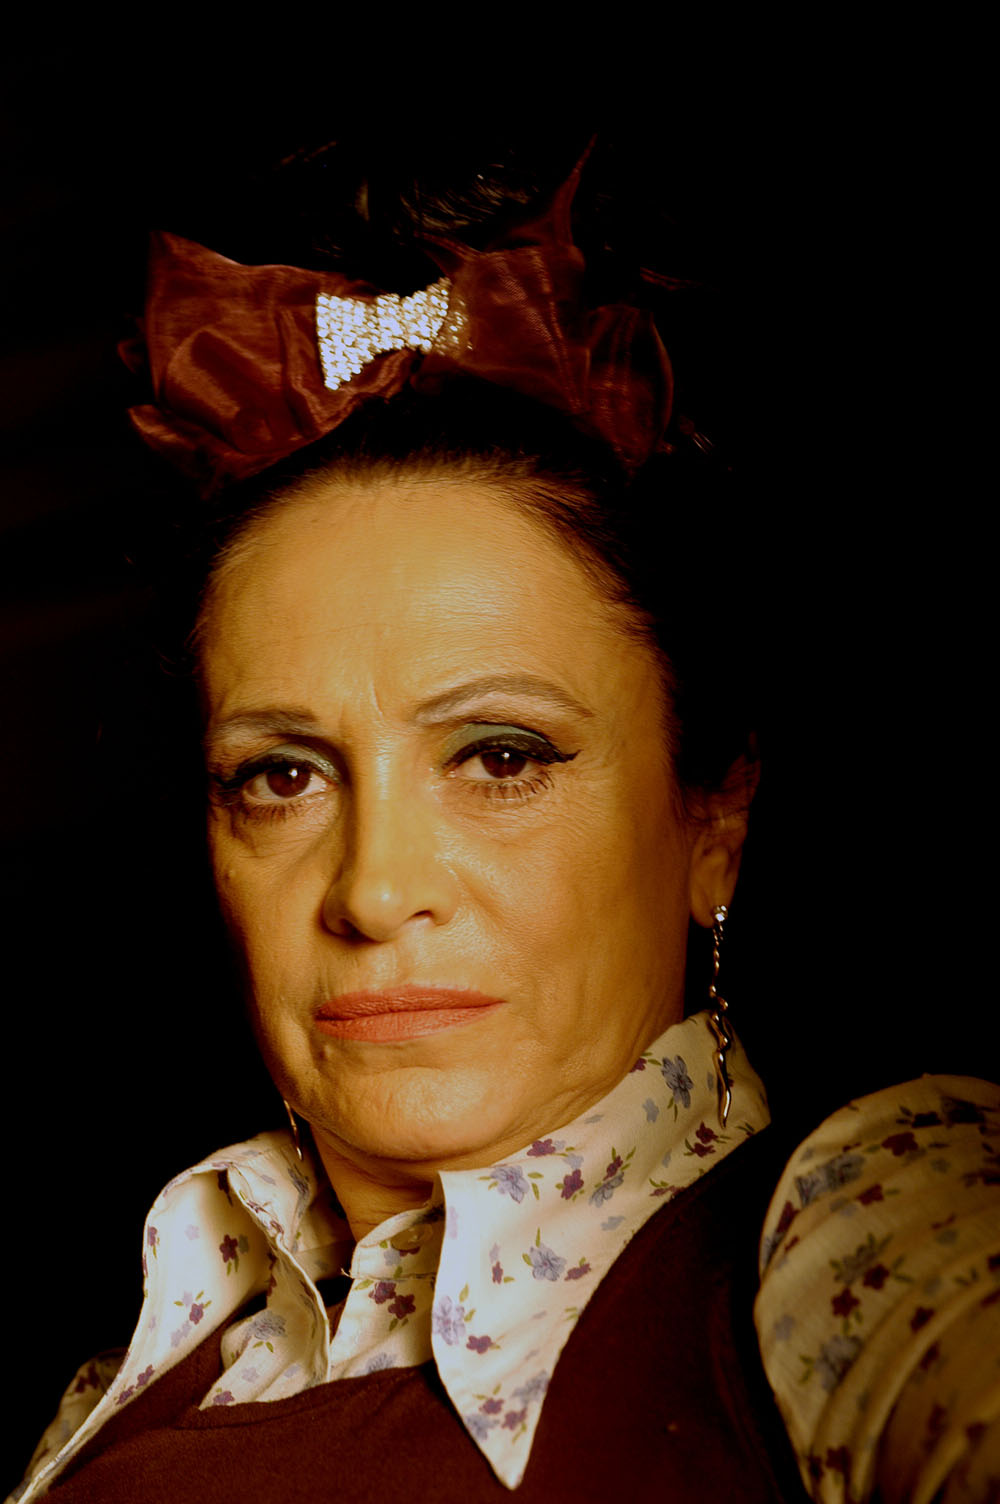 In foto Guia Jelo (69 anni) Dall'articolo: L'erede su MYmovies LIVE!.